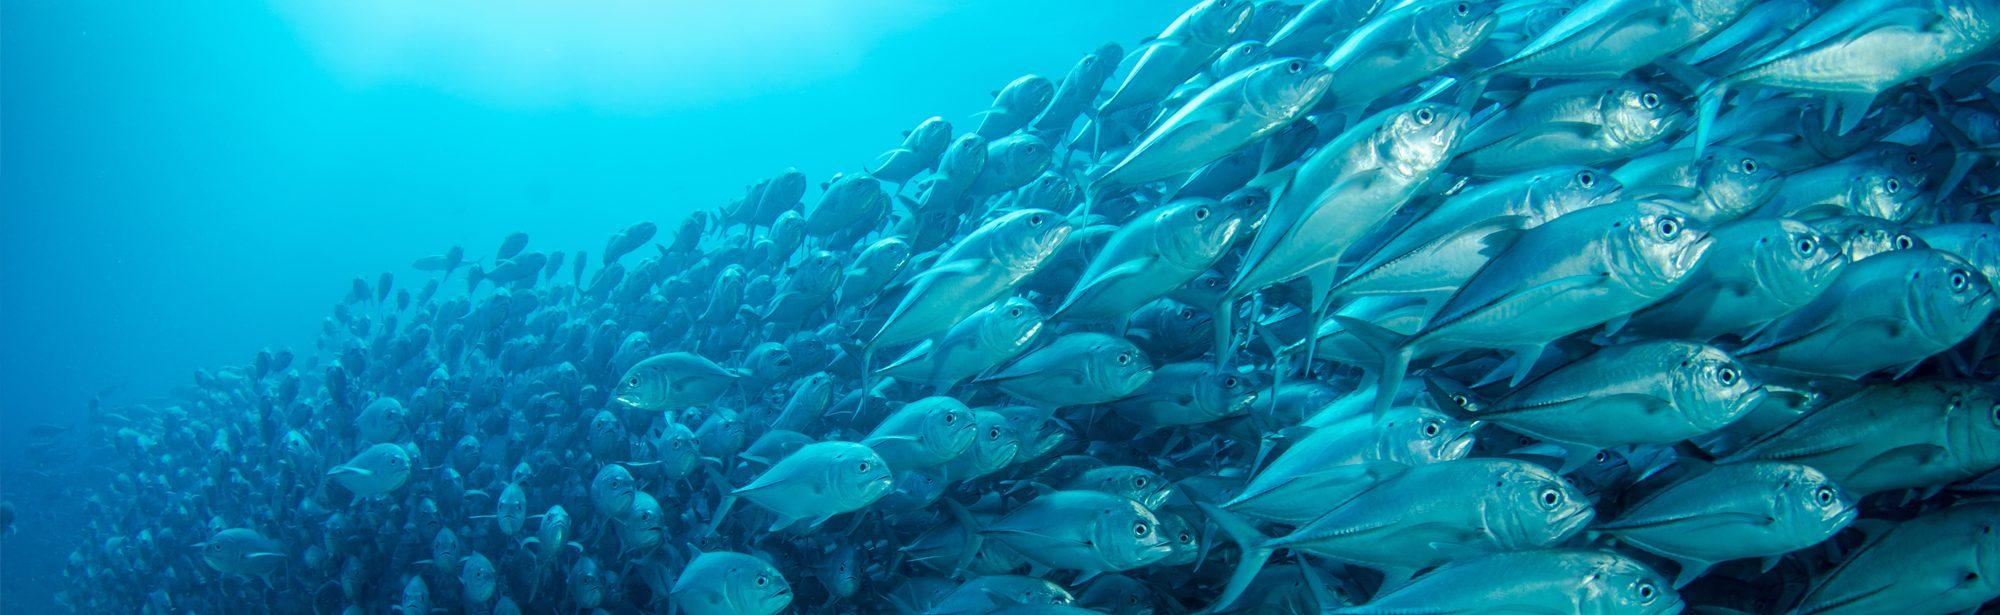 Malaysia Aquaculture